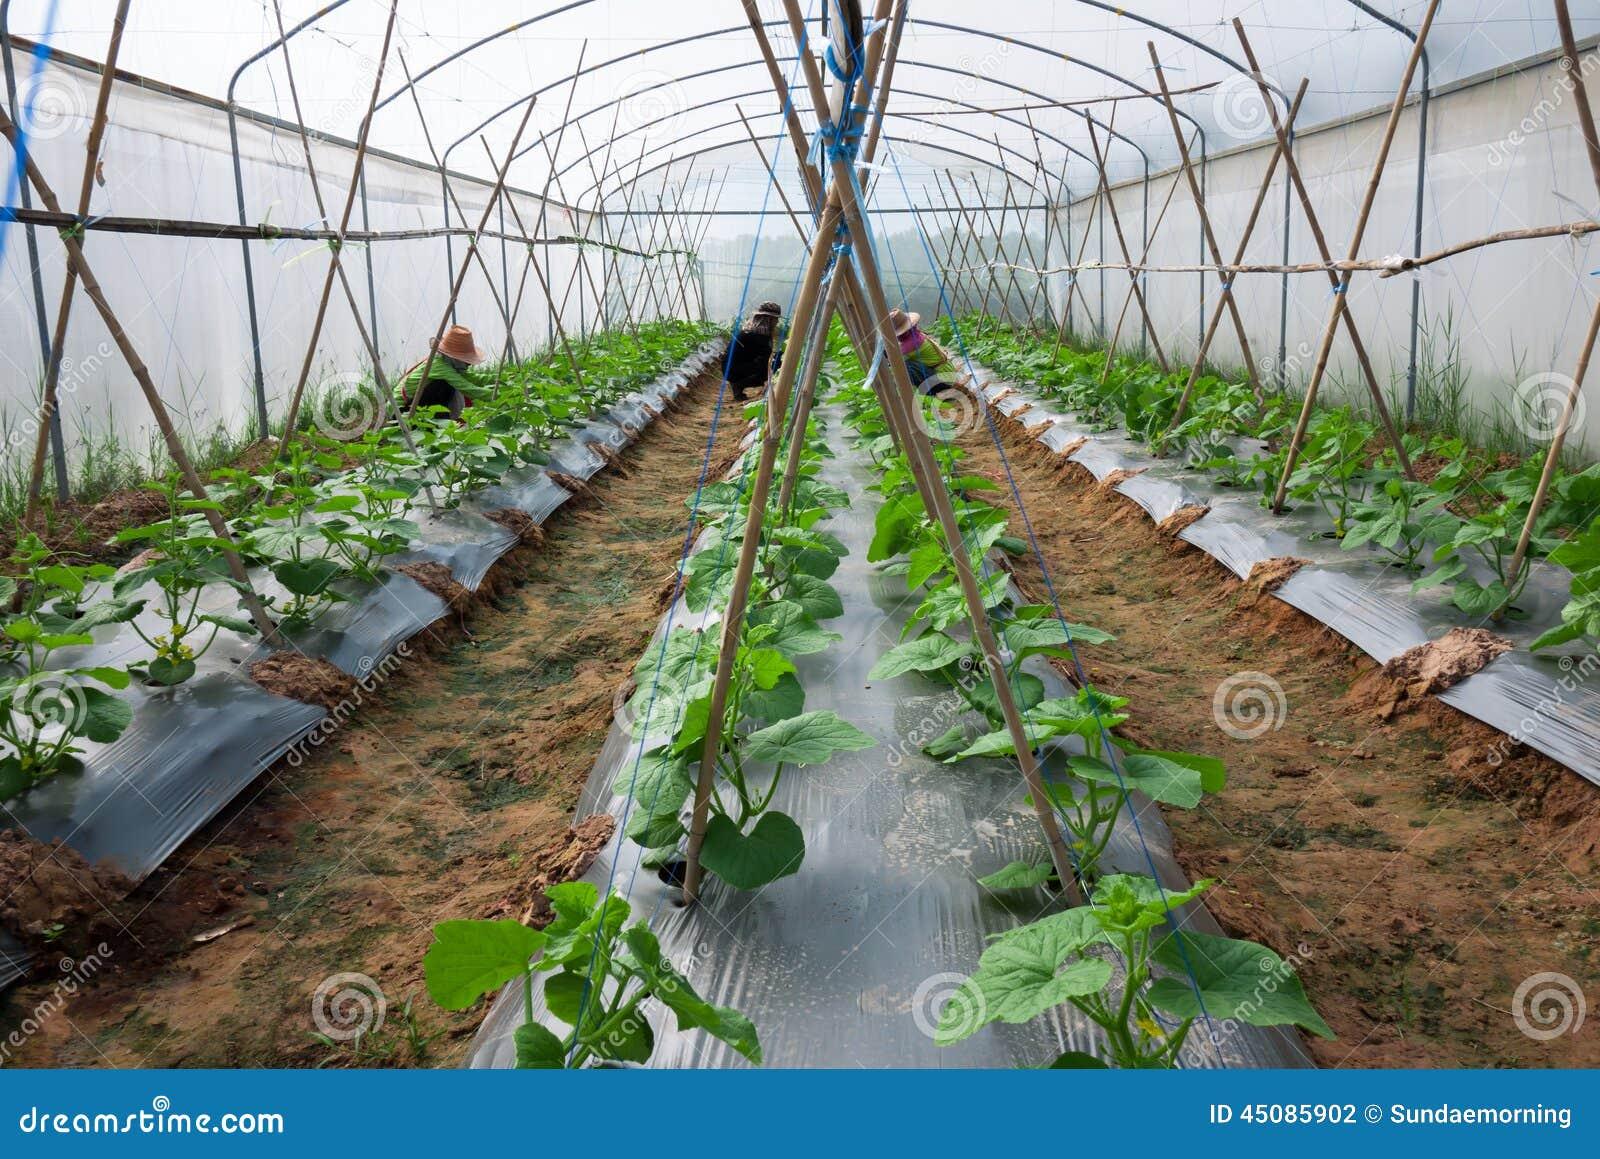 Cultivo sob a estufa foto de stock imagem 45085902 - Foto estufa ...